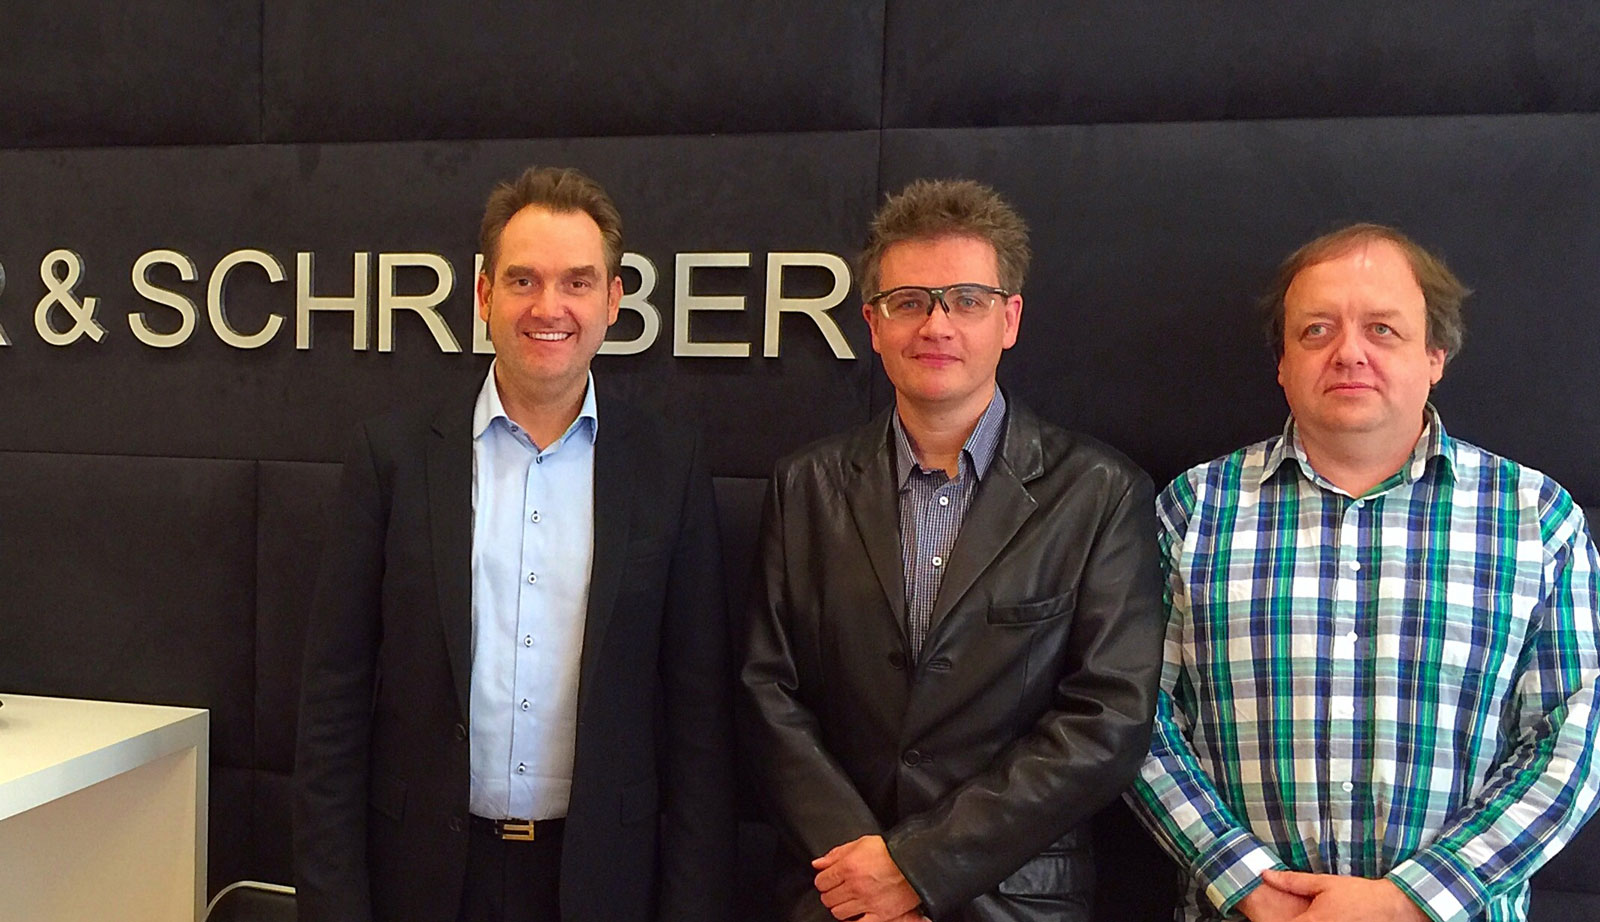 Gesellschafter der GRÜN Fundraising Services GmbH in Wien nach dem Notarakt: v.l.n.r. Dr. Oliver Grün, Klaus Schwarz und Markus Unterberger.